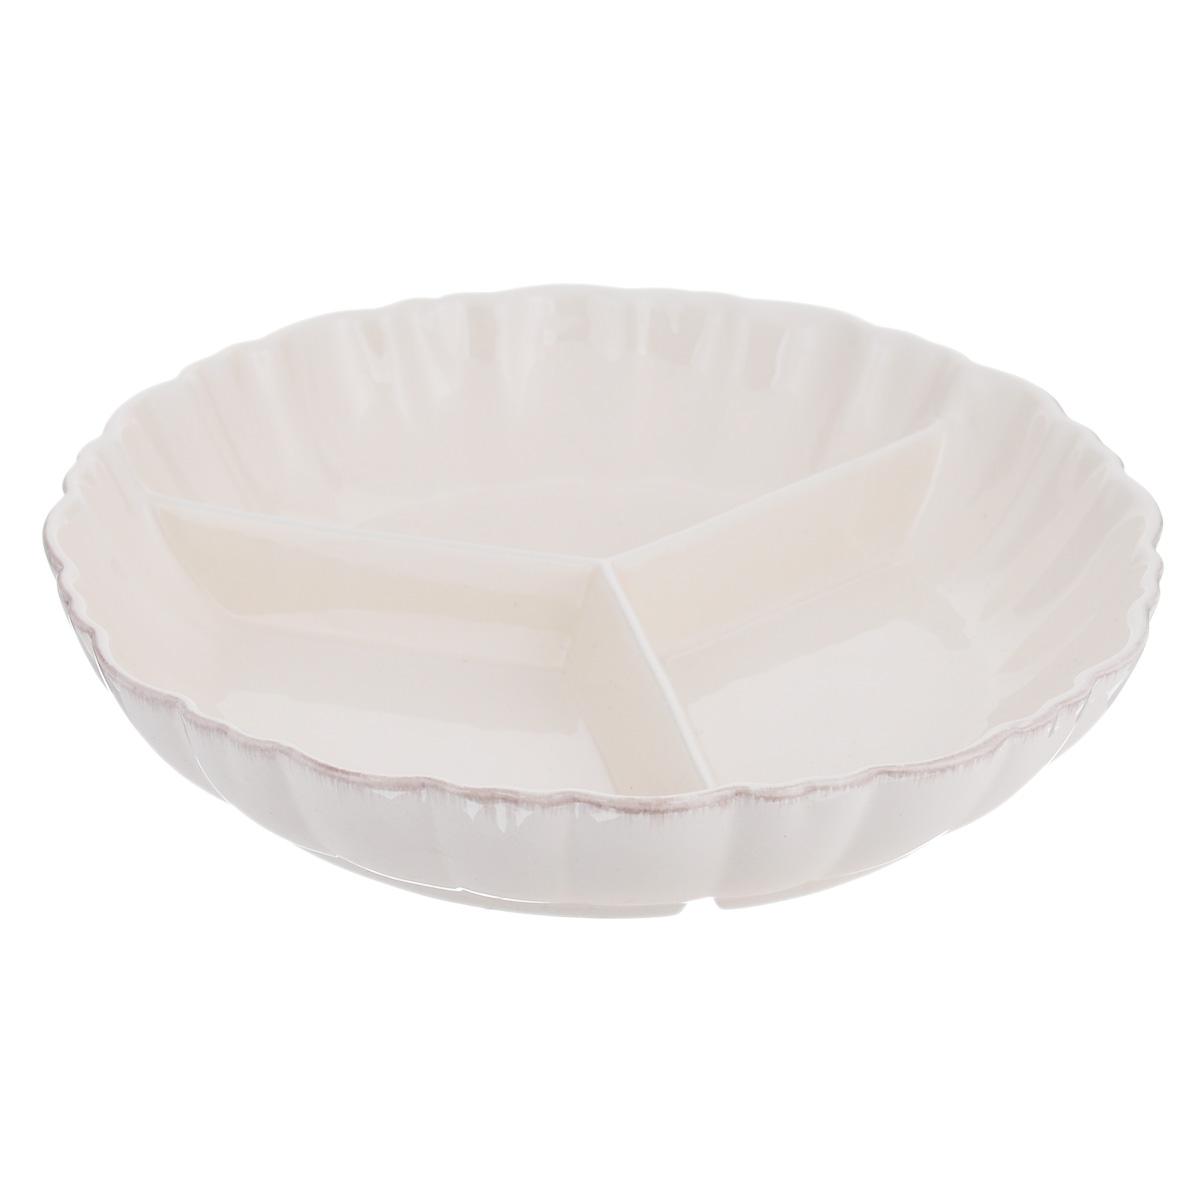 Менажница Lillo Ideal, цвет: молочный, 3 секции. 214948214948Изящная менажница Lillo Ideal, выполненная из керамики, состоит из трех секций. Изделие оснащено рельефными волнистыми стенками. Некоторые блюда можно подавать только в менажнице, чтобы не произошло смешение вкусовых оттенков гарниров. Также менажница может быть использована в качестве посуды для нескольких видов салатов или закусок. Менажница Lillo Ideal станет замечательной деталью сервировки и великолепным украшением праздничного стола.Можно использовать в посудомоечной машине и микроволновой печи. Диаметр менажницы: 23 см.Размер секции менажницы: 17 см х 11 см.Высота стенки менажницы: 4,5 см.